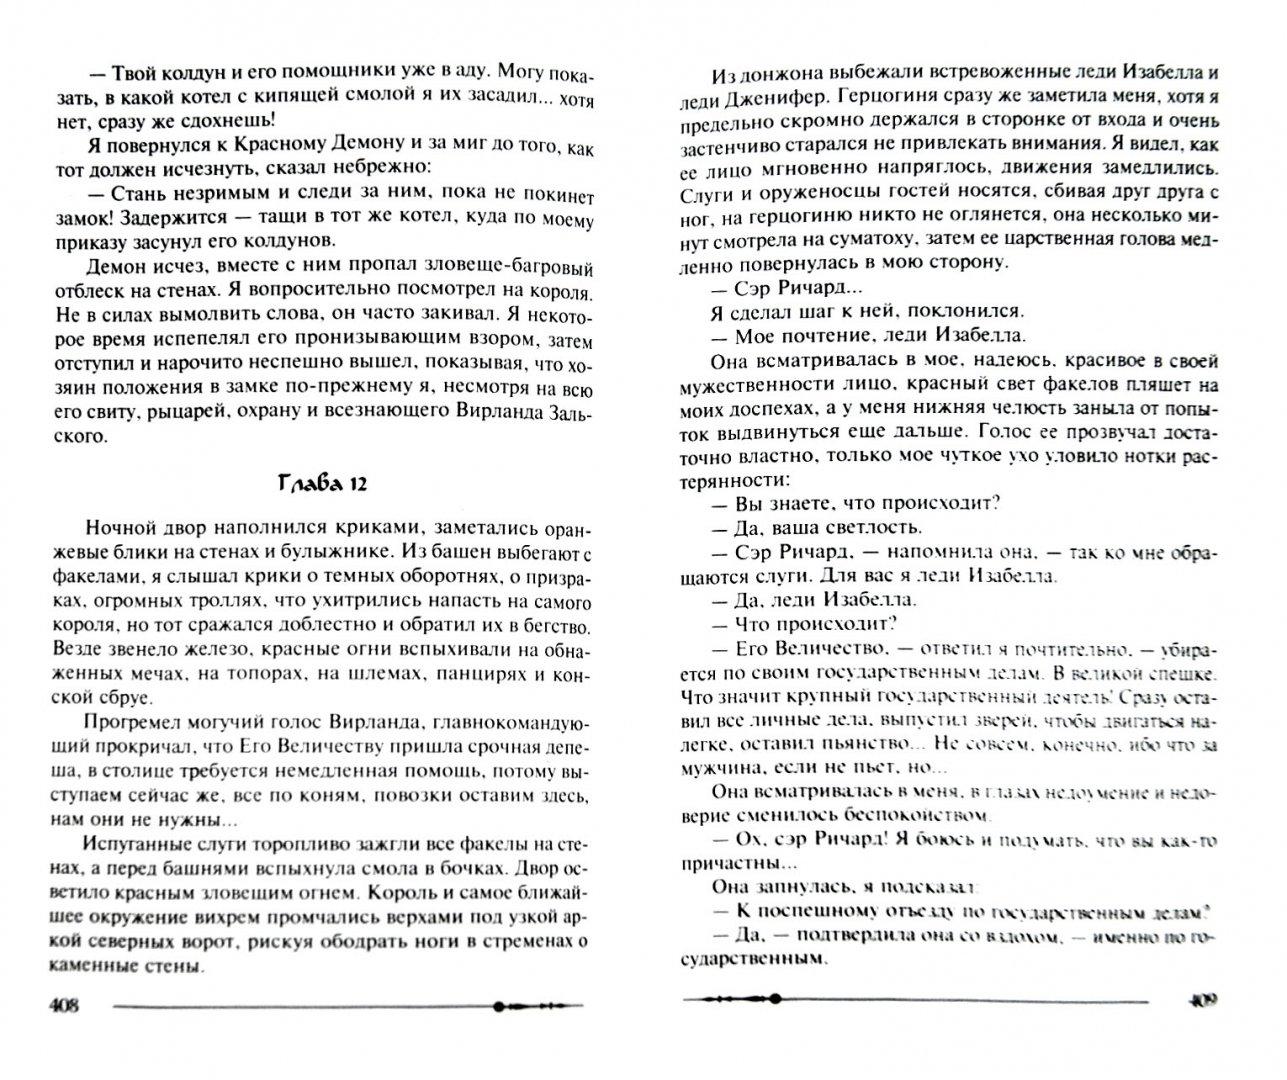 Иллюстрация 1 из 8 для Ричард Длинные Руки - ярл. Ричард Длинные Руки - граф - Гай Орловский | Лабиринт - книги. Источник: Лабиринт